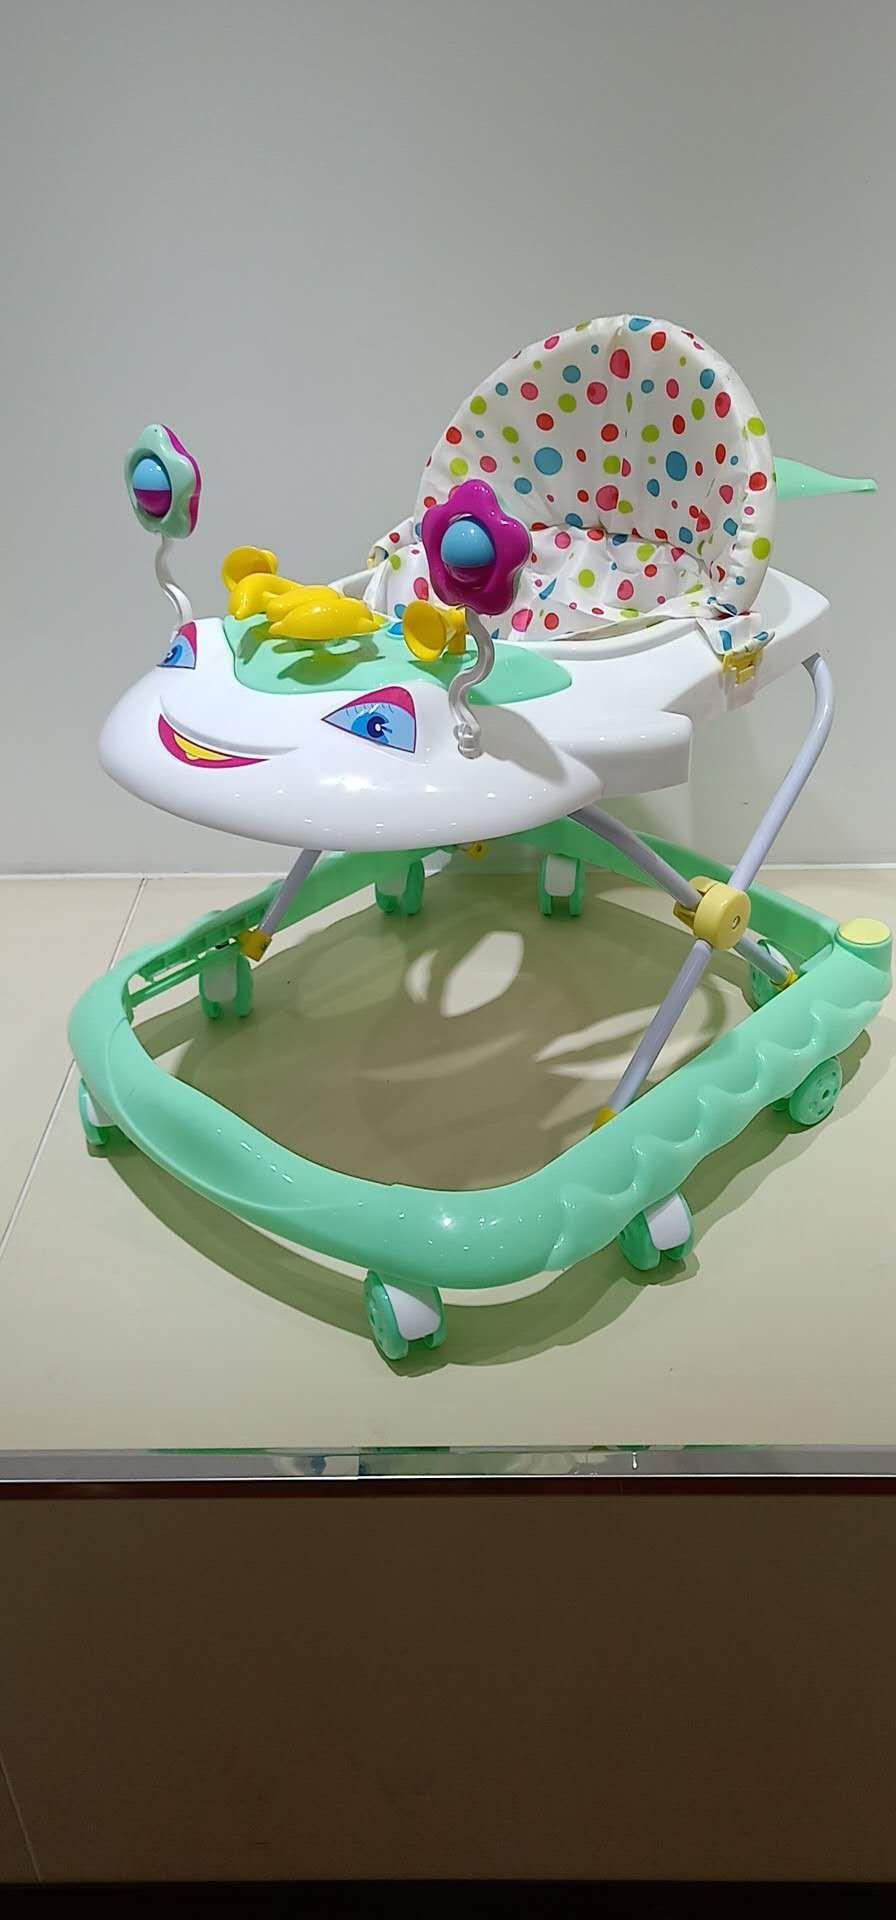 儿童学步车QC H016-6885